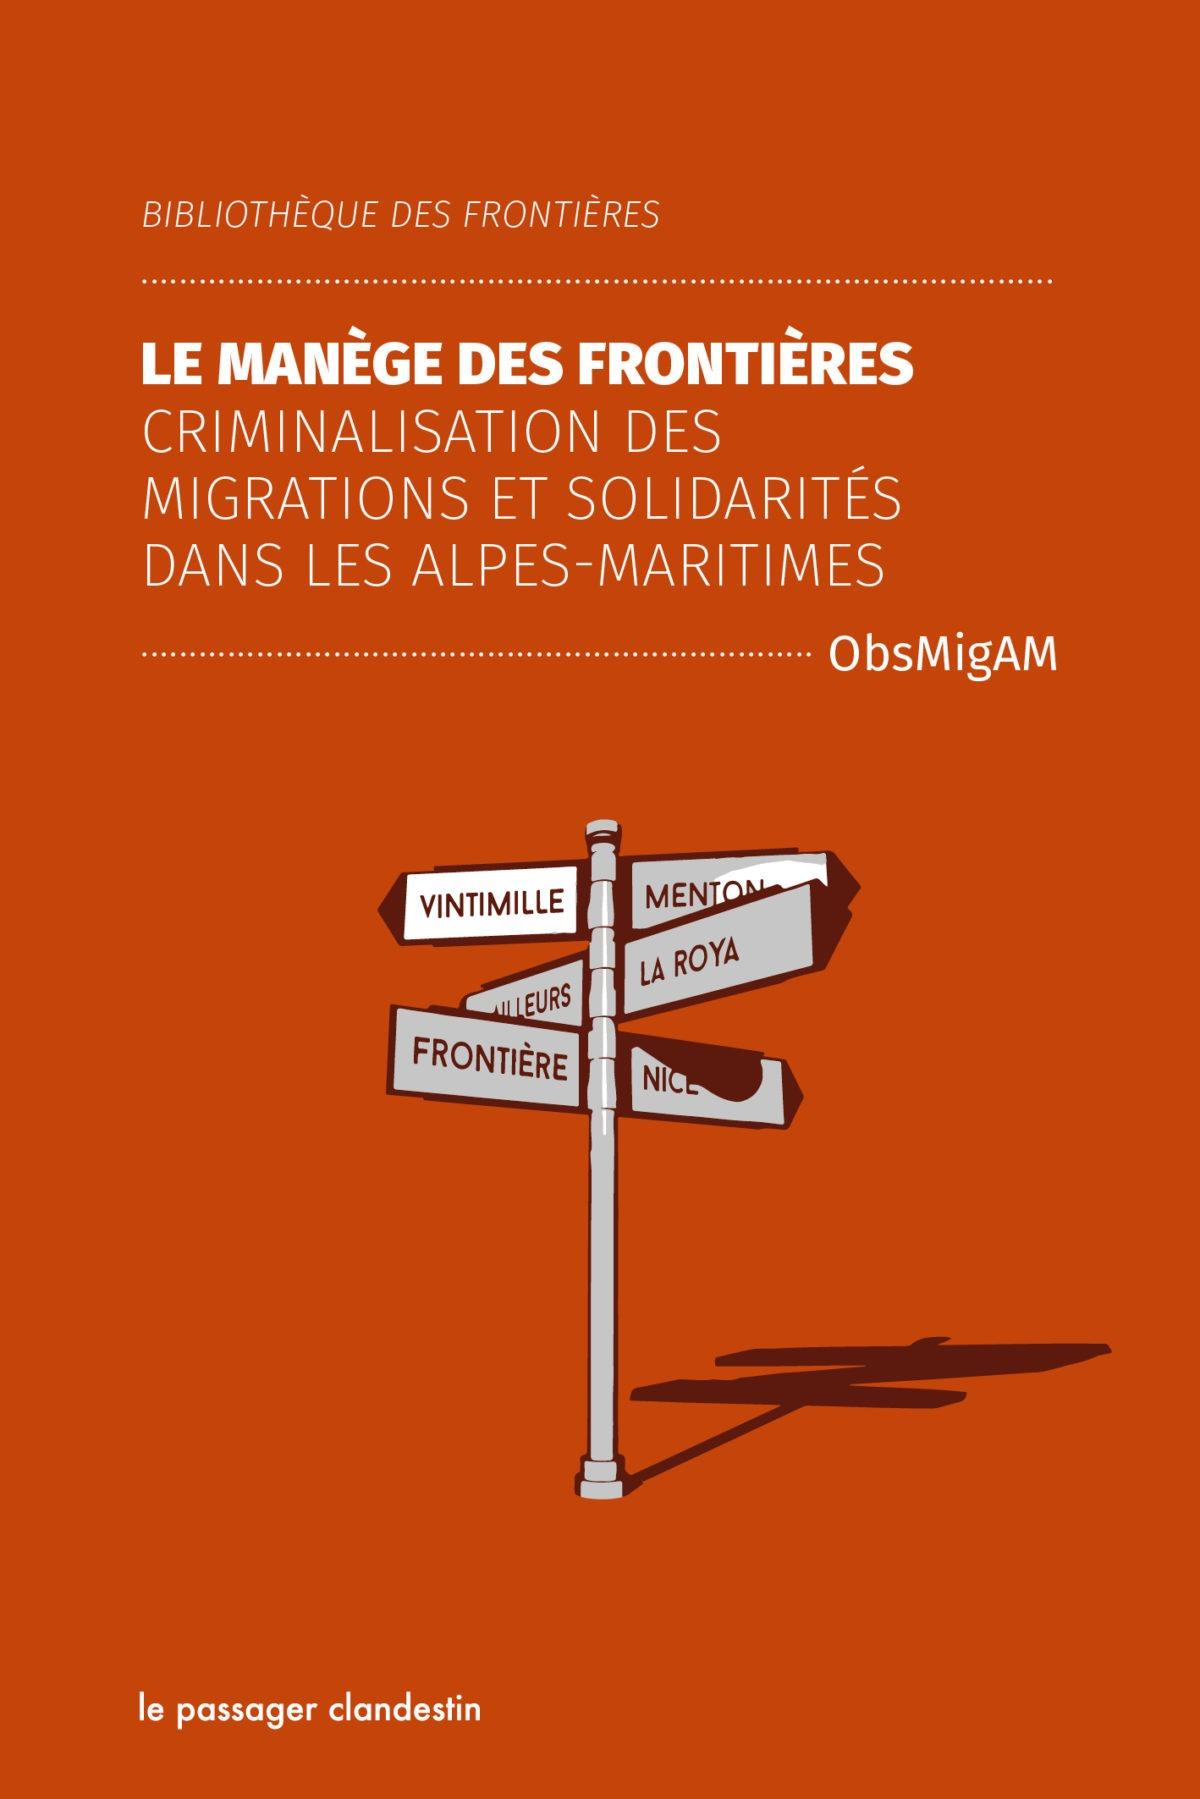 Le manège des frontières - Criminalisation des migrations et solidarités dans les Alpes-Maritimes